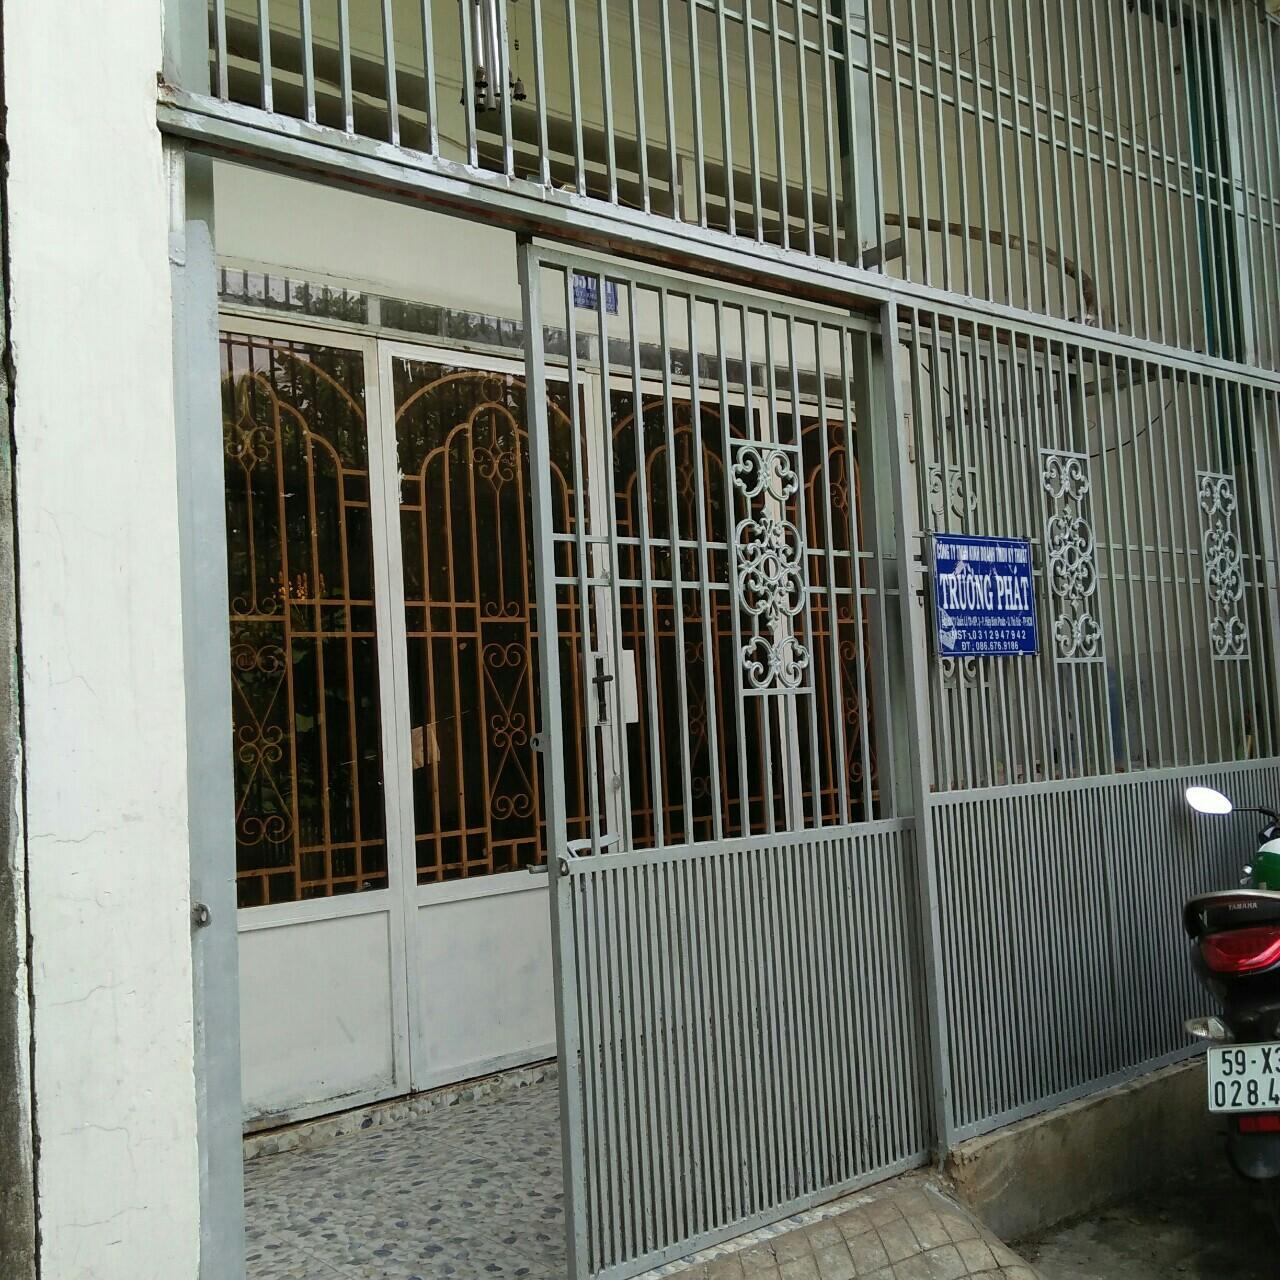 Bán nhà cấp 4 hẻm 631 Quốc Lộ 13 Thủ Đức, Diện tích 50m2, giá bán 2,3 tỷ.2